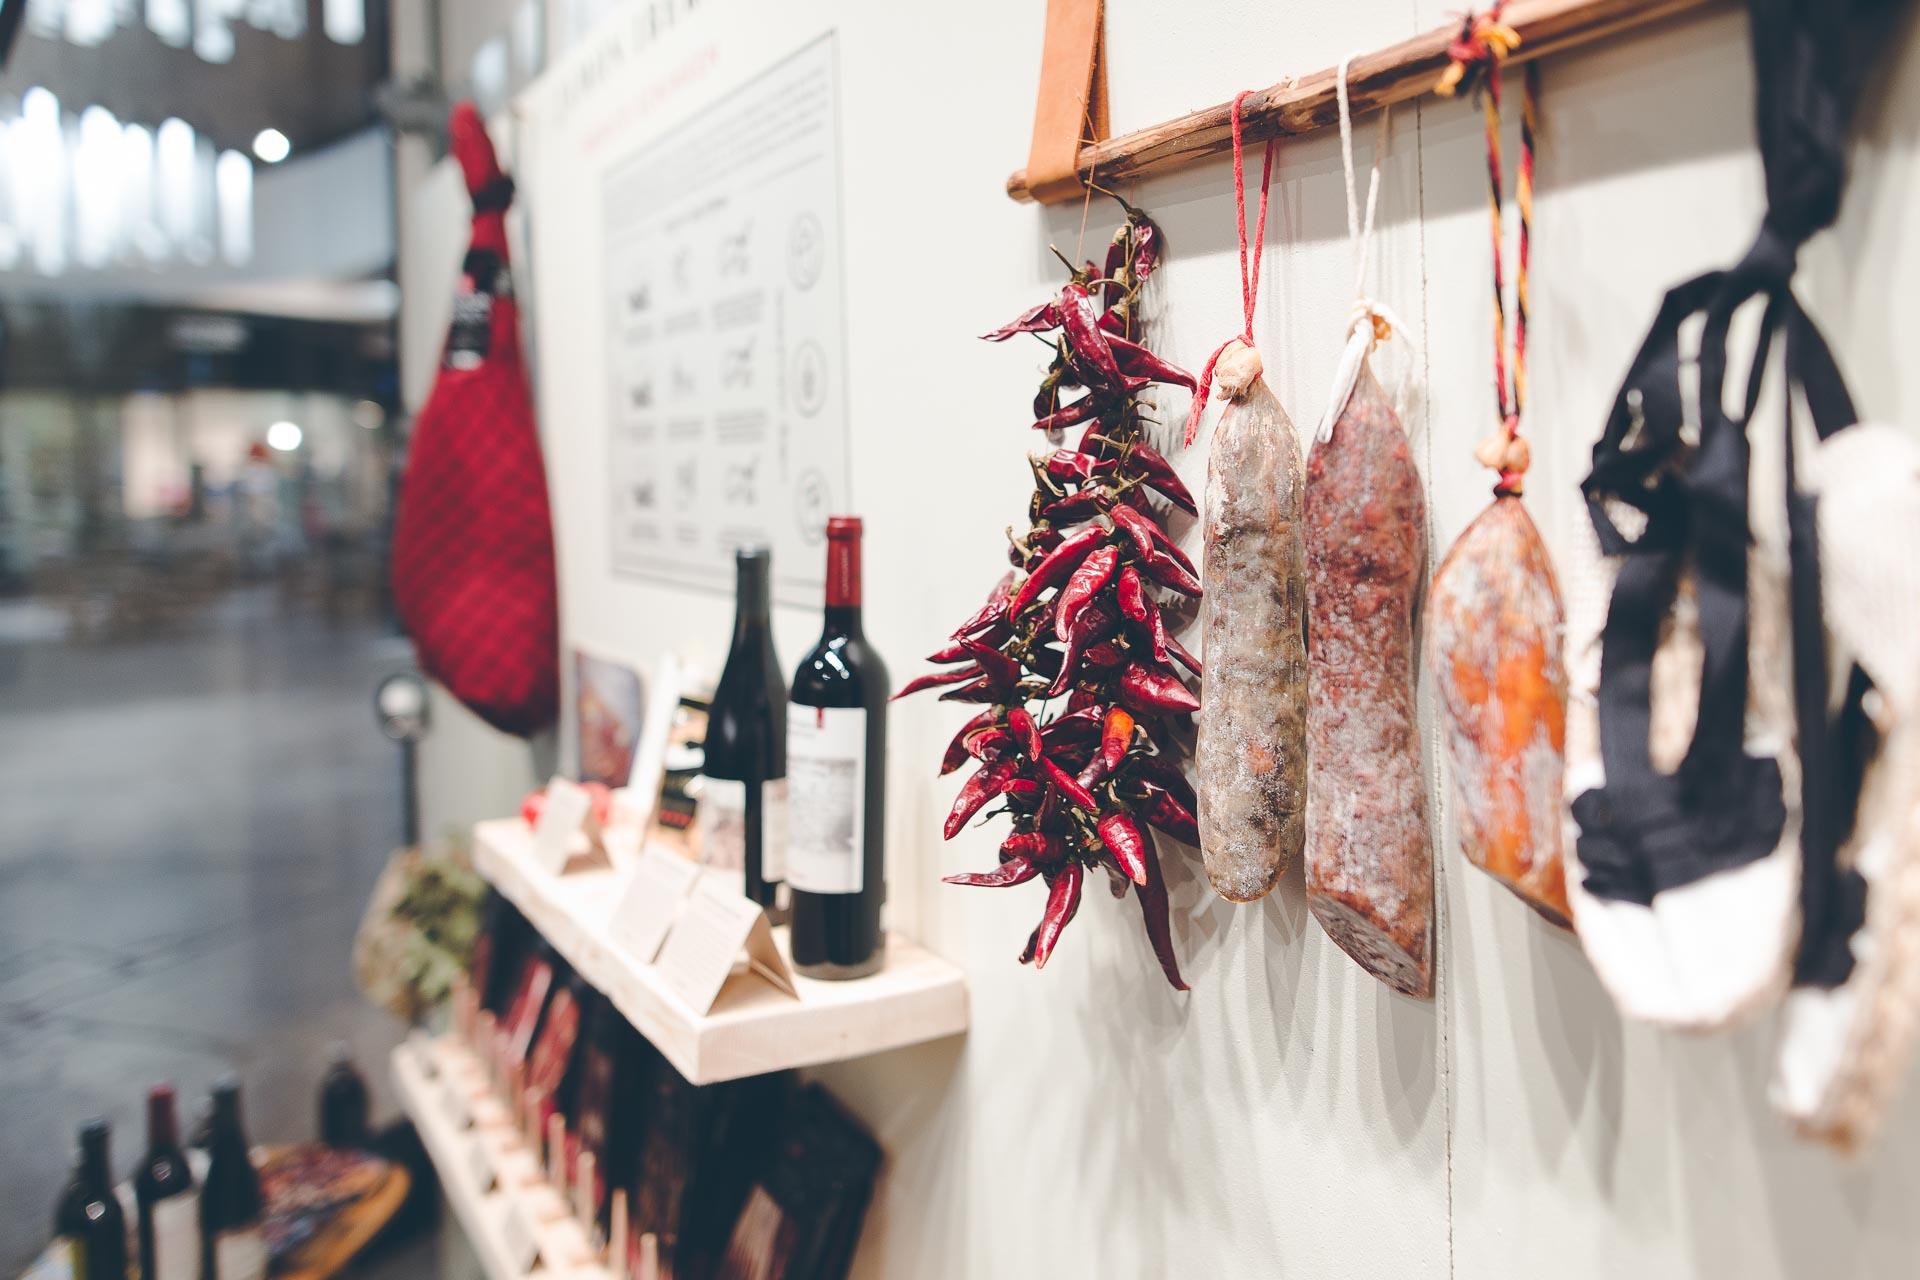 Foto von spanischem Wein und Lebensmitteln entstanden beim Eventfotografie Auftrag in München